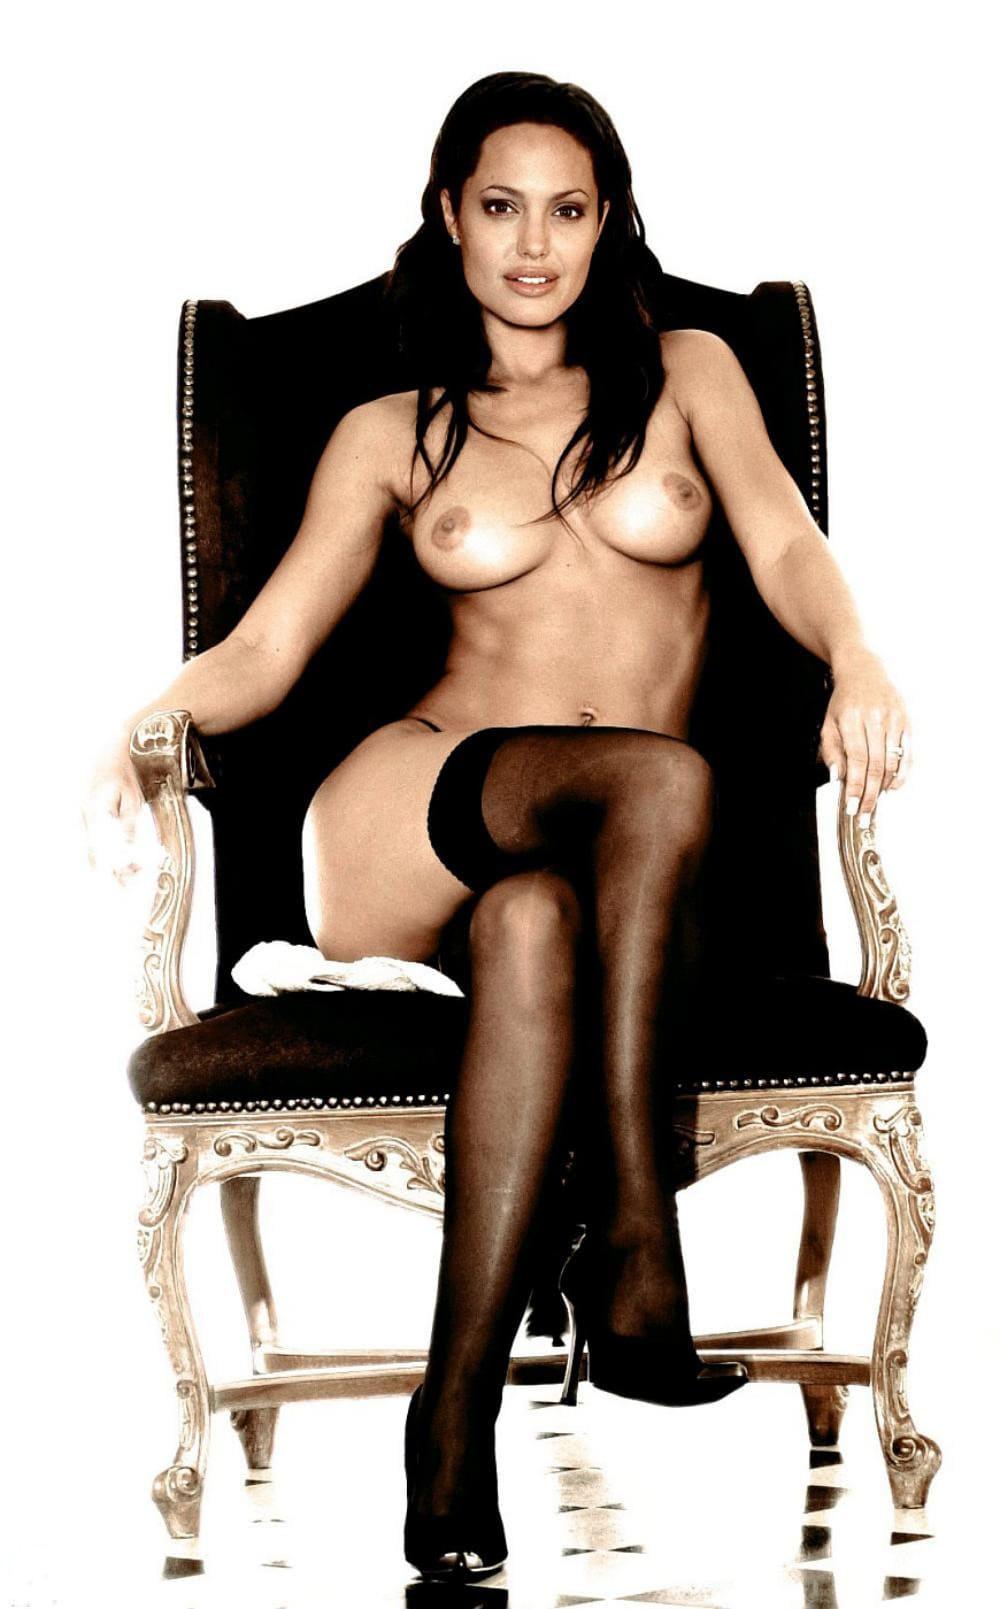 Голая Анджелина Джоли сидит на троне в черных чулках туфлях на высоком каблуке